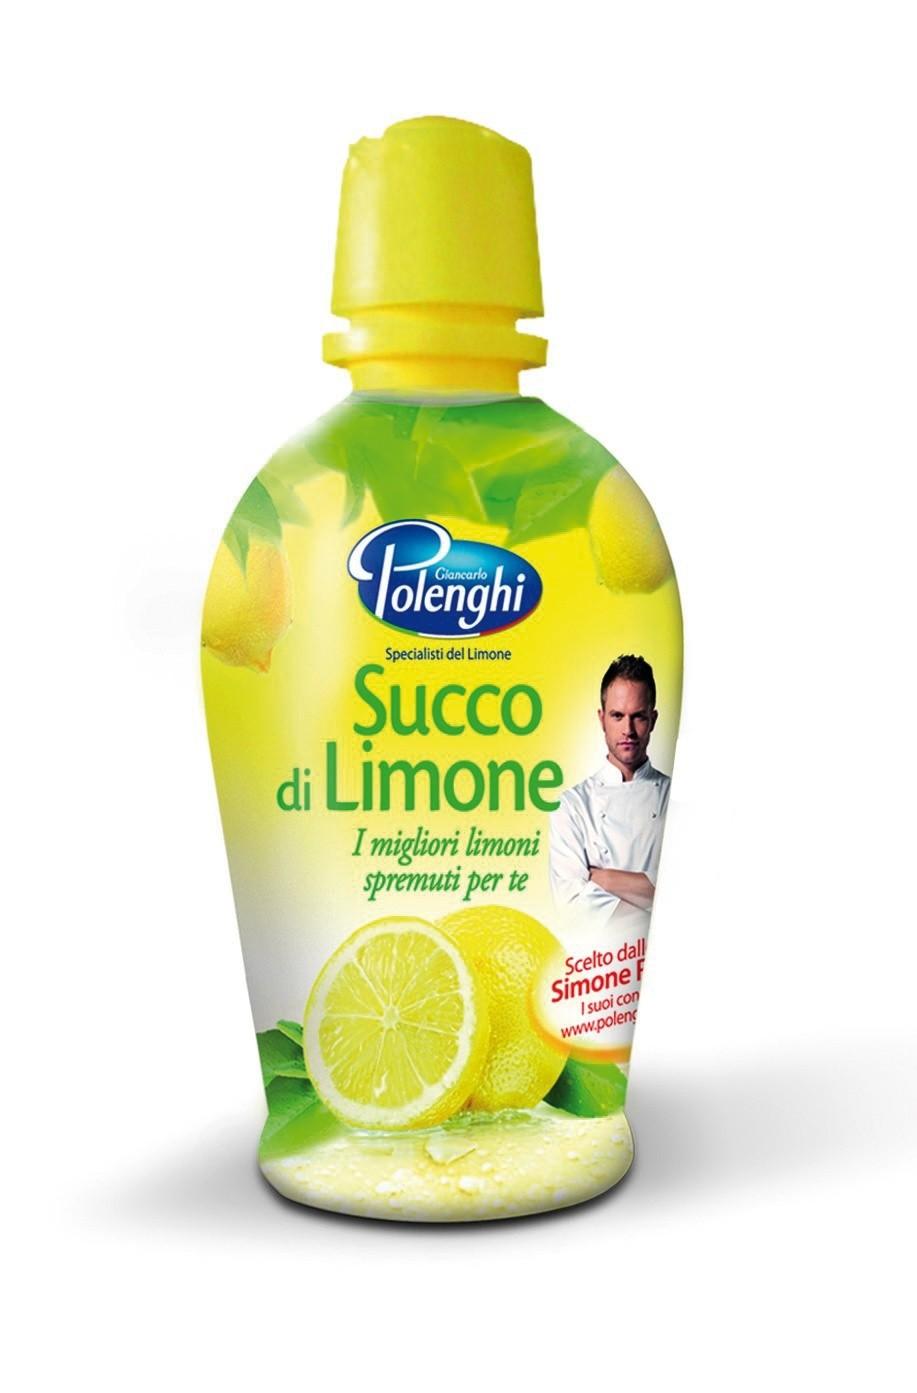 Succo di limone da concentrato